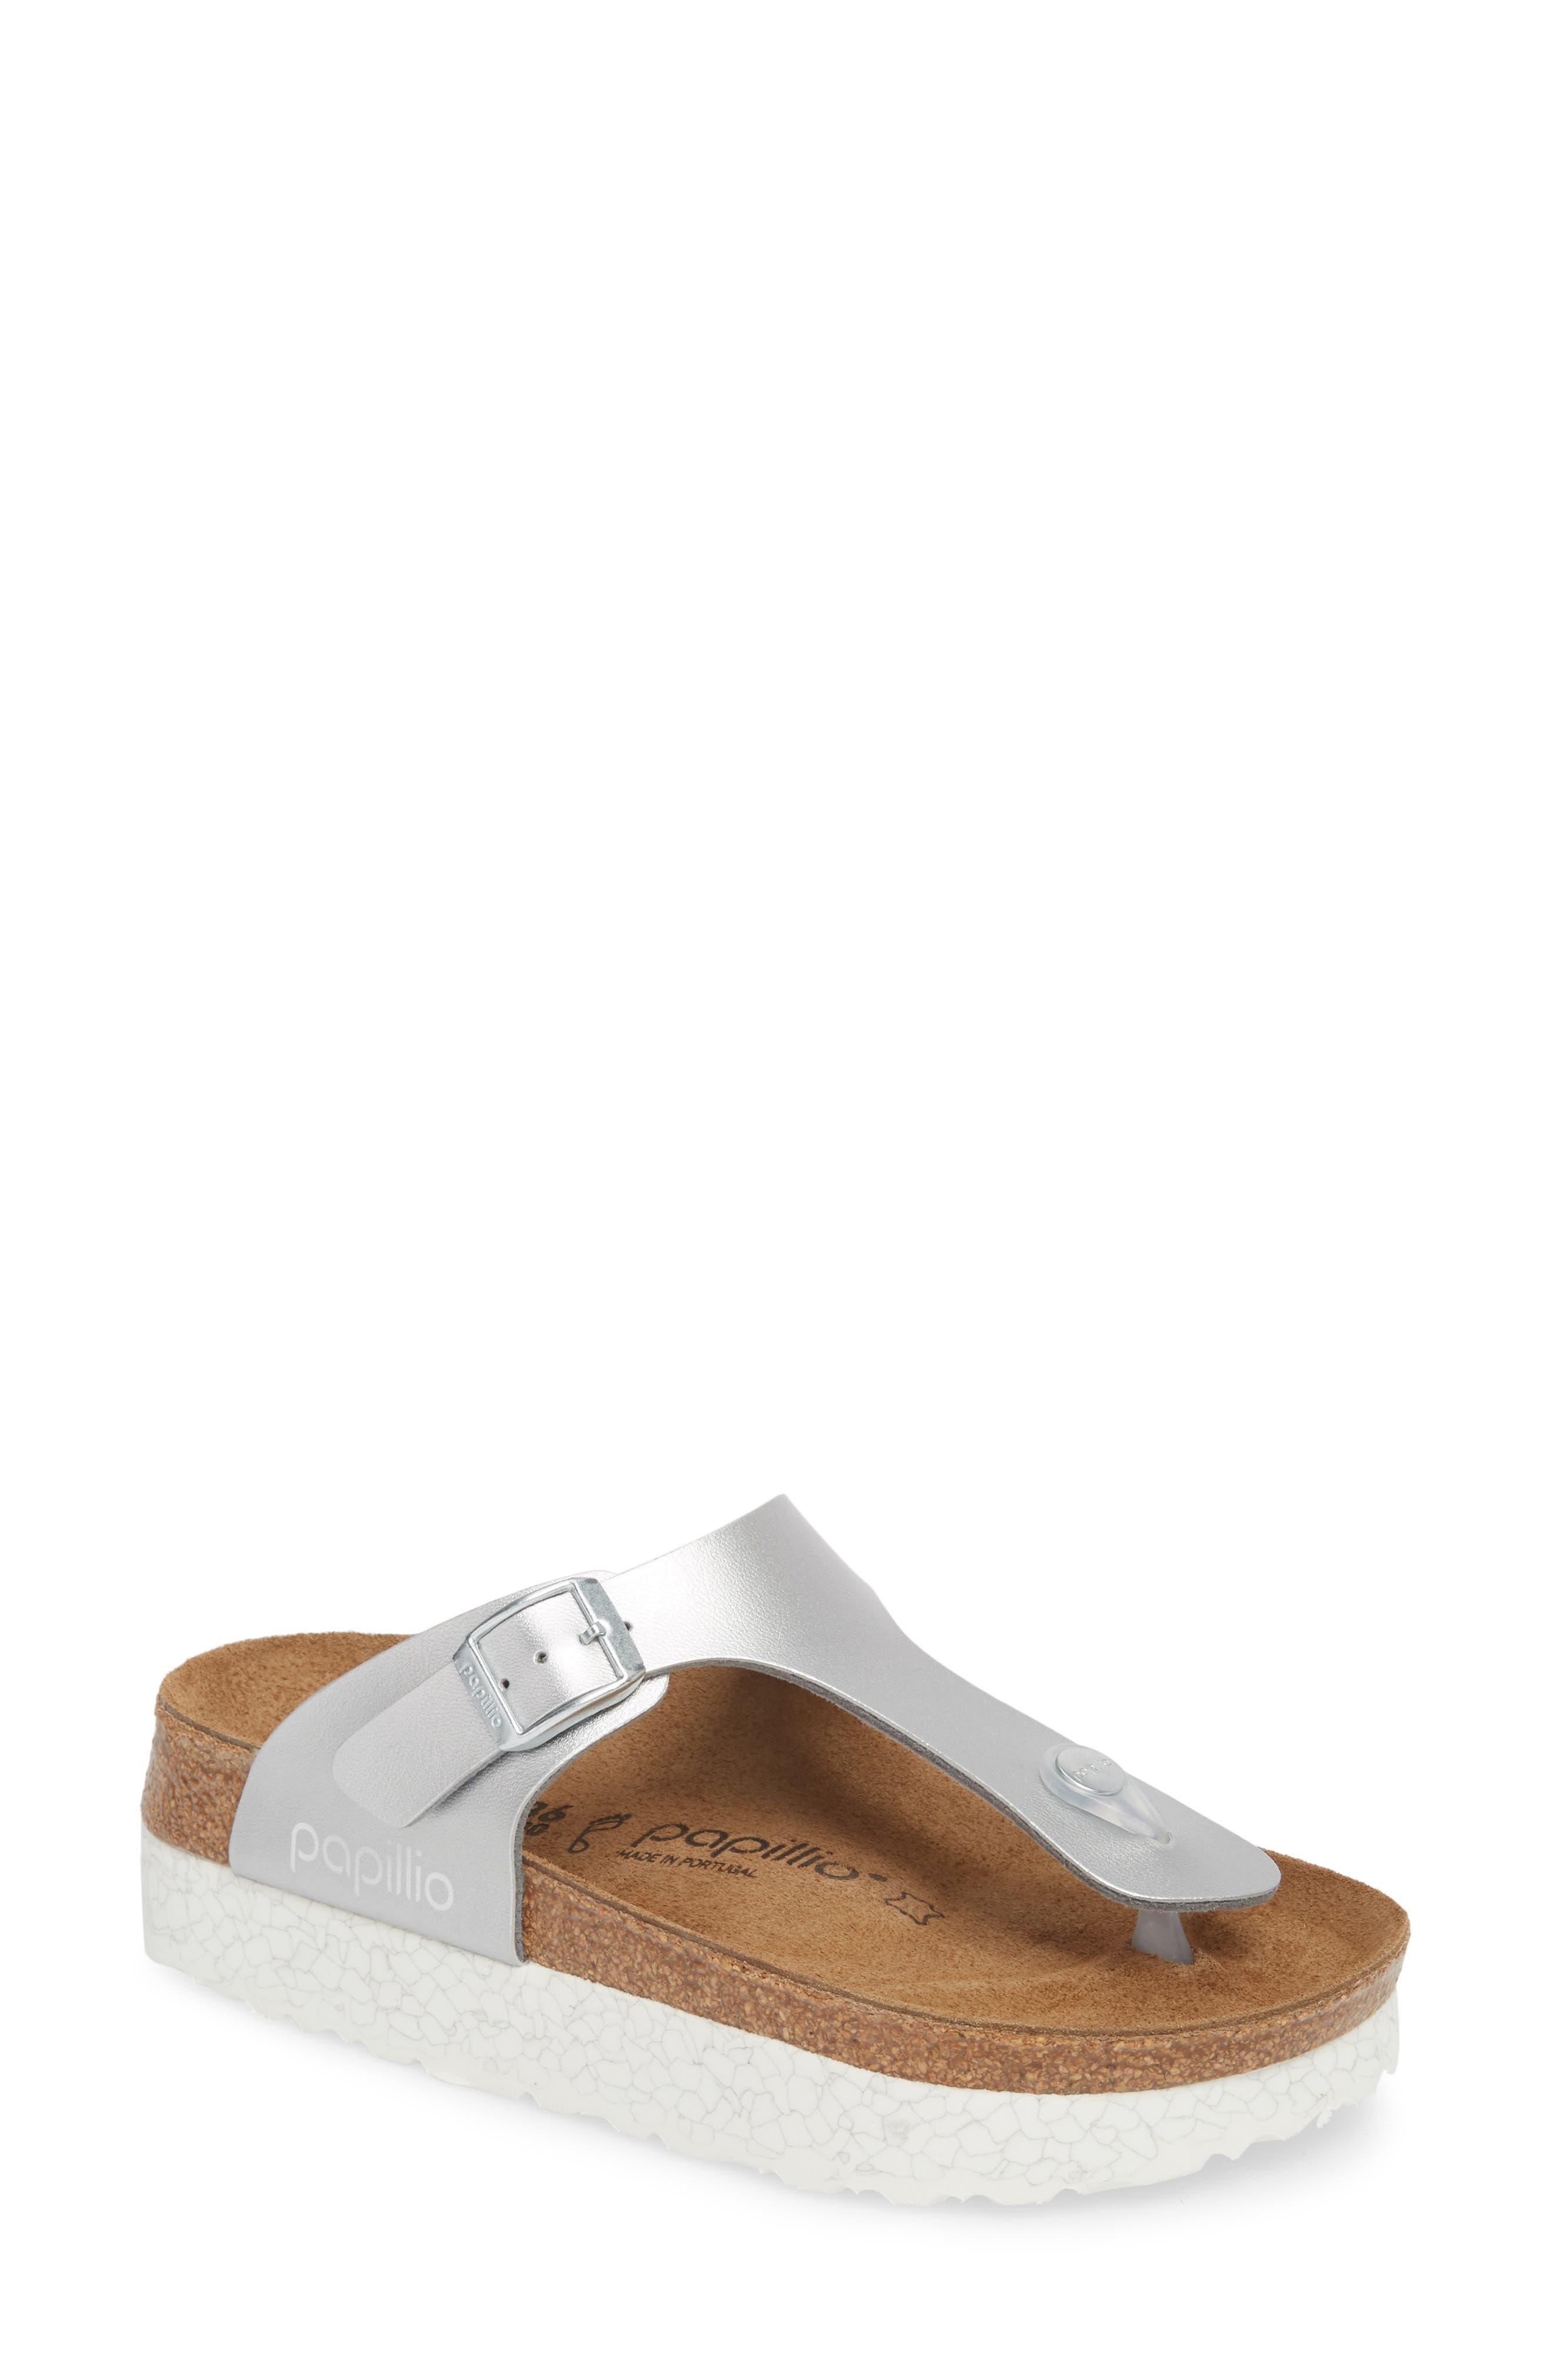 Papillio by Birkenstock 'Gizeh' Birko-Flor Platform Flip Flop Sandal,                             Main thumbnail 1, color,                             Mono Marble Silver Leather